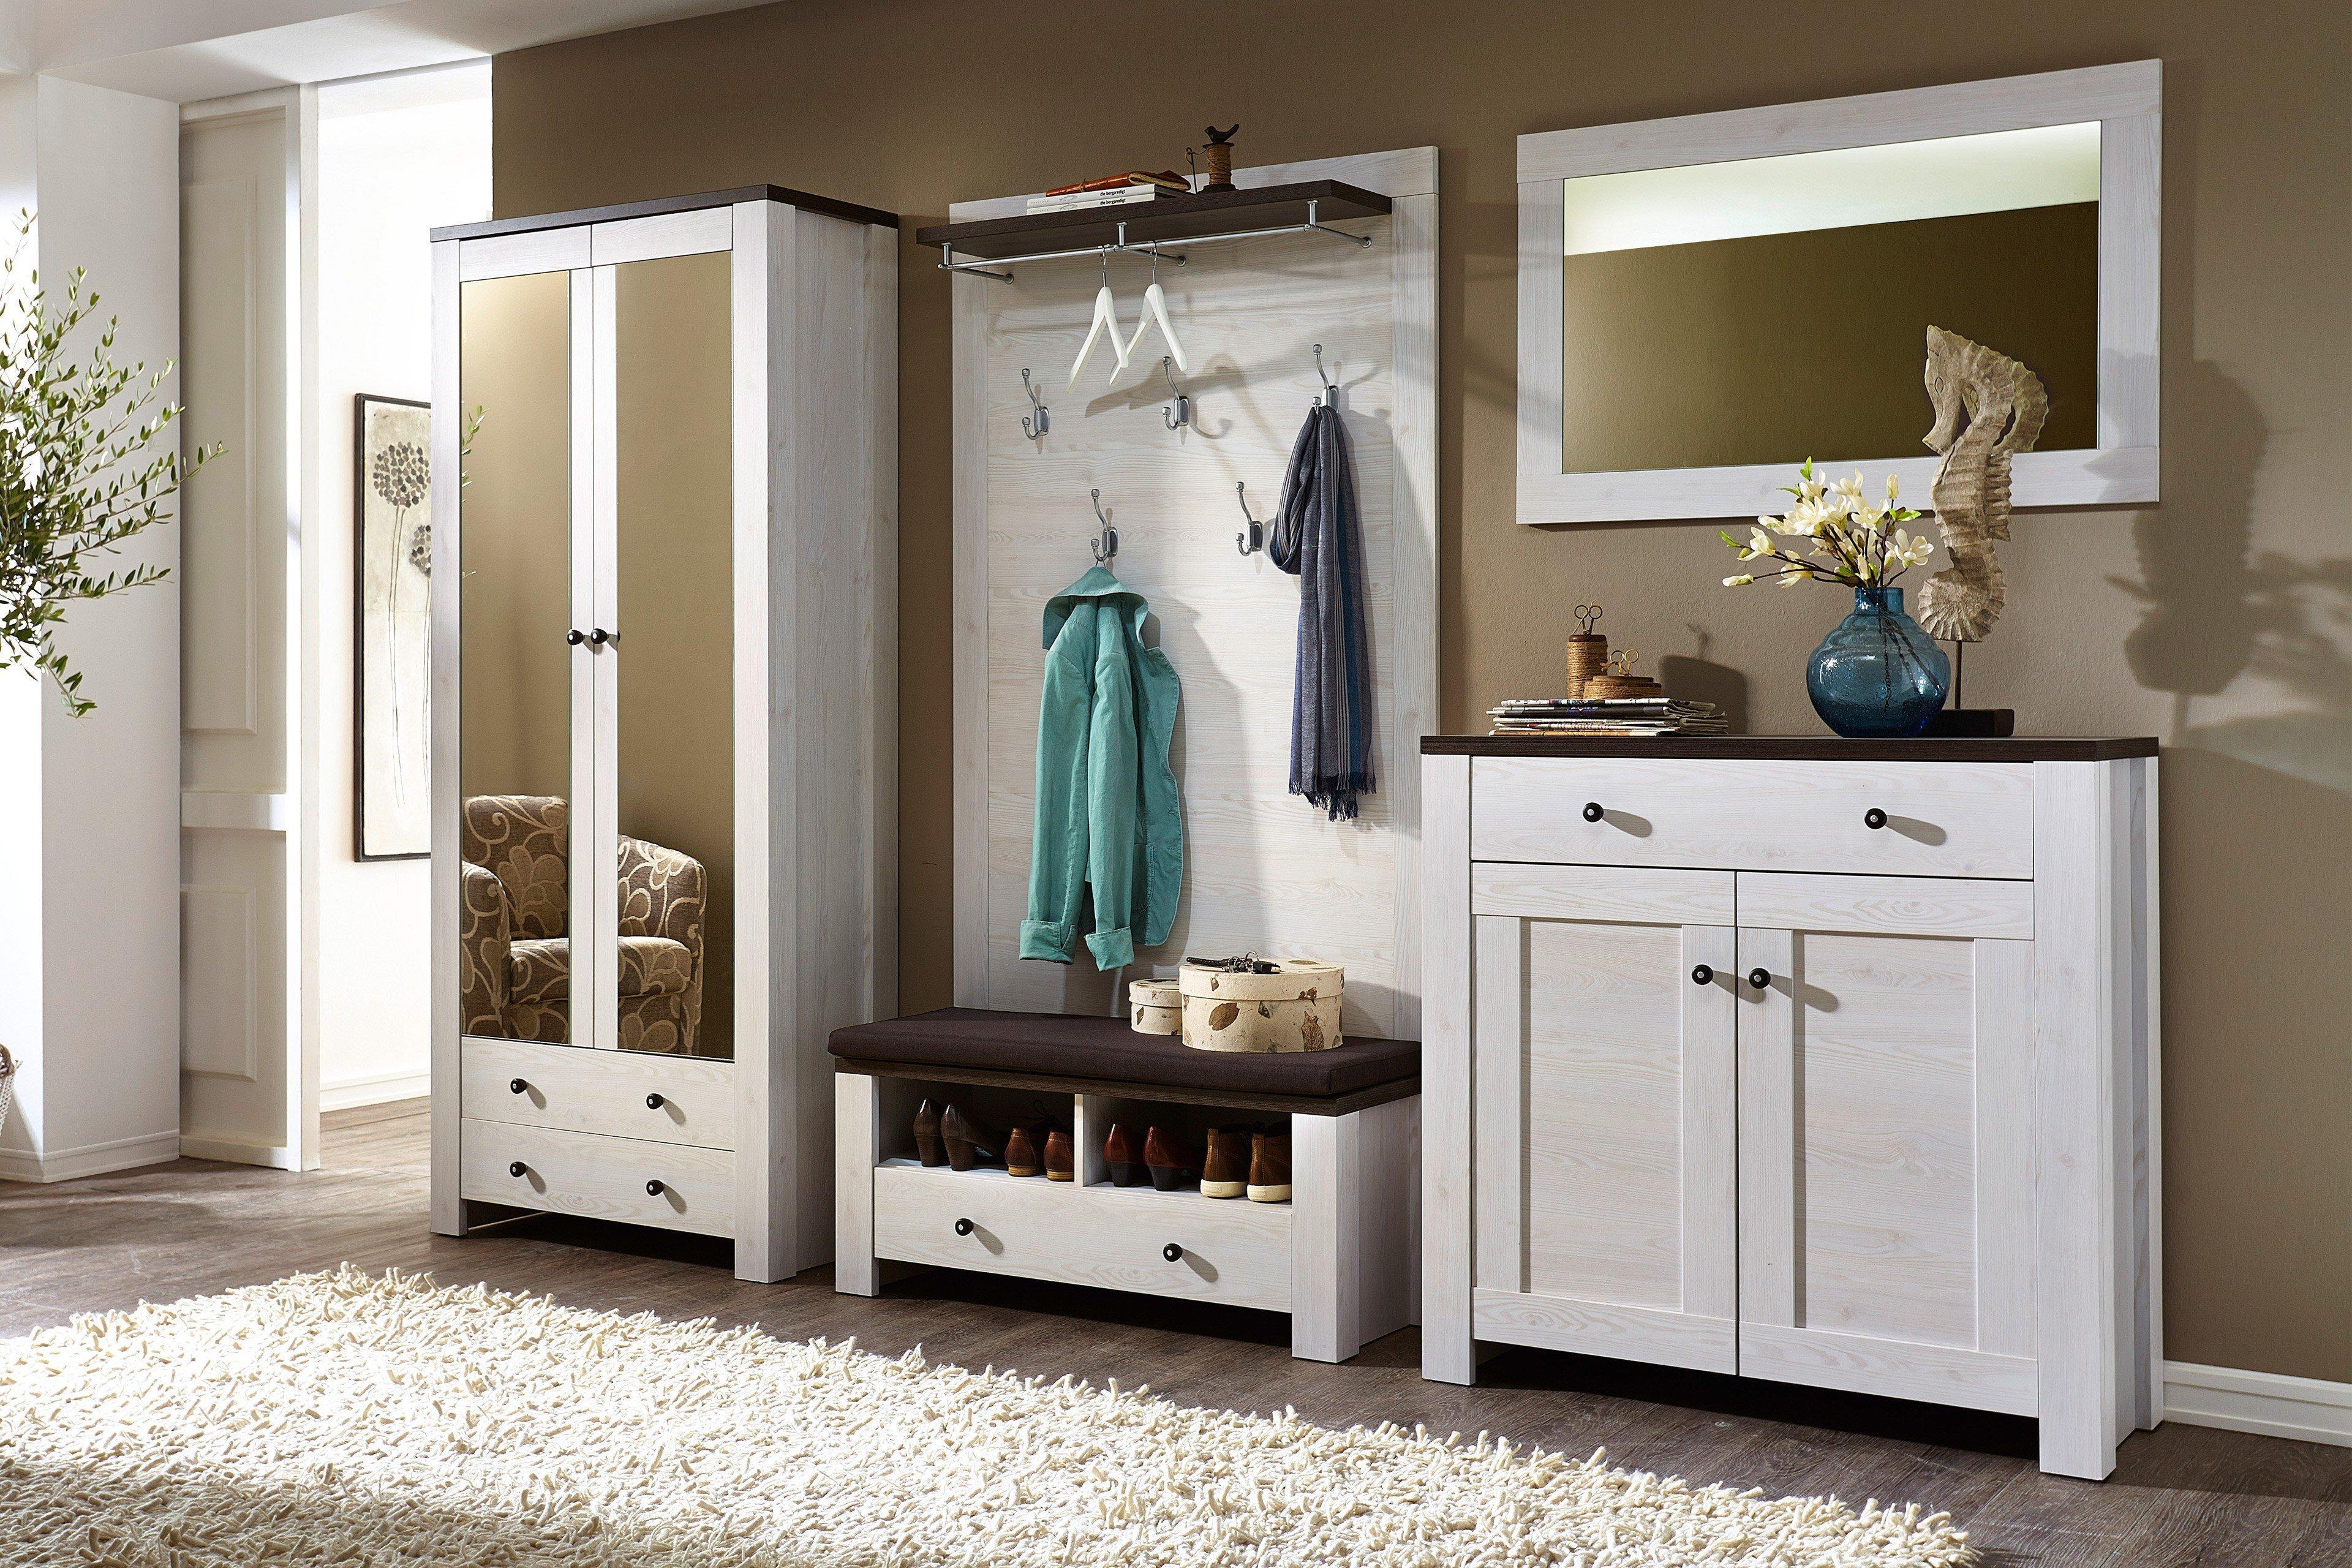 garderobe 4 teilig innostyle antwerpen m bel letz ihr online shop. Black Bedroom Furniture Sets. Home Design Ideas